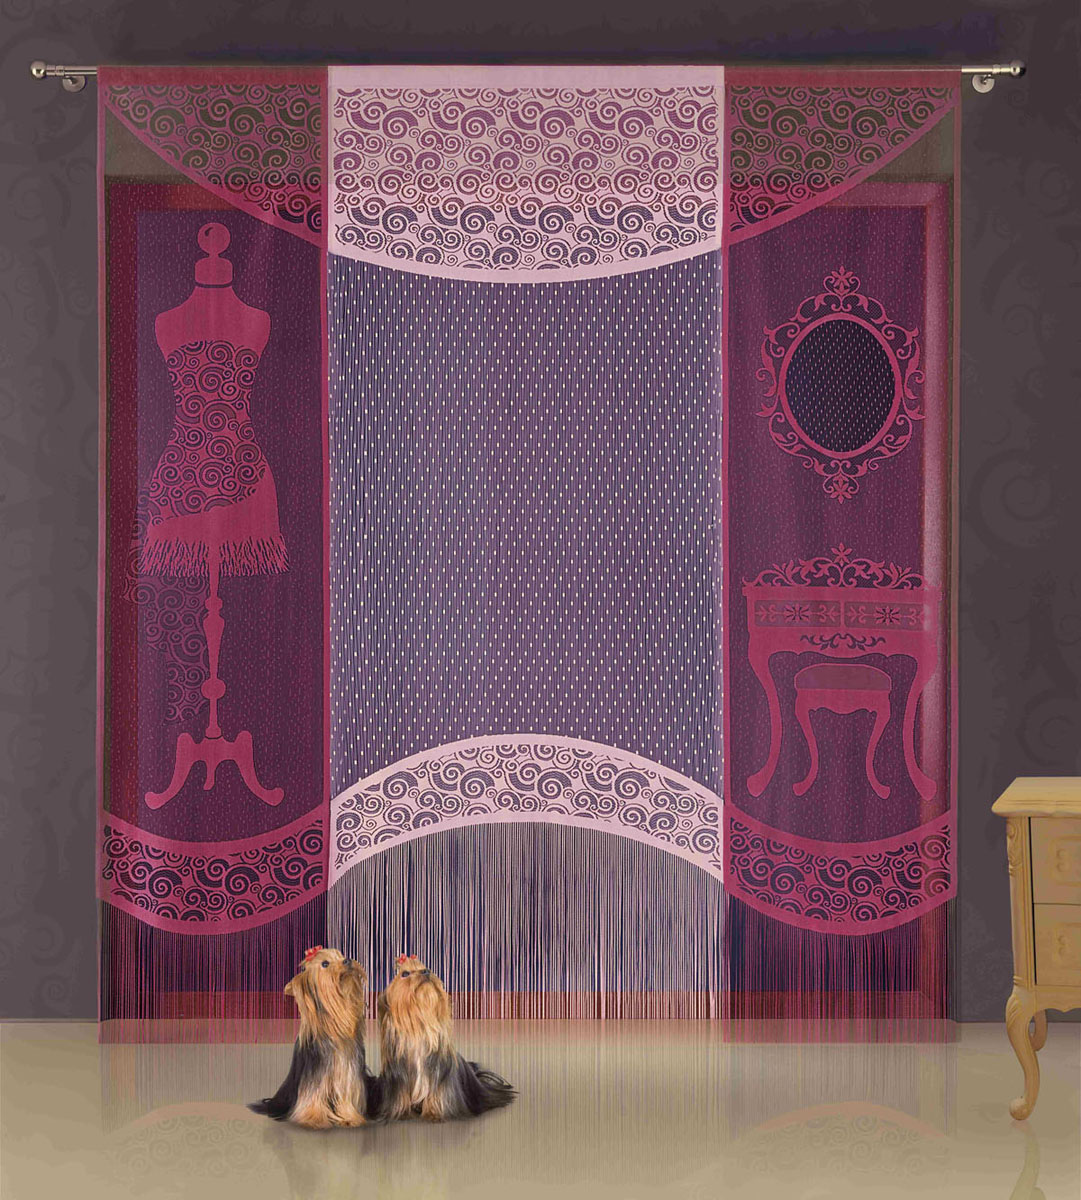 Гардина-панно Wisan, на кулиске, цвет: бордовый, розовый, высота 250 смS03301004Гардина-панно Wisan, изготовленная из полиэстера, станет великолепным украшением любого окна. Это отличное решение как для гардины на окно, так и для портьеры в дверной проем или просто занавески для разграничения пространства в комнате. Нижняя часть гардины-панно декорирована бахромой. Гардина включает в себя одно широкое полотно розового цвета и два небольших полотна бордового цвета. Тонкое плетение, оригинальный дизайн и приятная цветовая гамма привлекут к себе внимание и органично впишутся в интерьер комнаты. Гардина оснащена кулиской для крепления на круглый карниз. Характеристики:Материал: 100% полиэстер. Цвет: бордовый, розовый. Высота кулиски: 6 см. Размер упаковки:27 см х 36 см х 4 см. Артикул: 718122.В комплект входит:Гардина-панно - 1 шт. Размер (ШхВ): 100 см х 250 см.Гардина-панно - 2 шт. Размер (ШхВ): 60 см х 250 см.Фирма Wisan на польском рынке существует уже более пятидесяти лет и является одной из лучших польских фабрик по производству штор и тканей. Ассортимент фирмы представлен готовыми комплектами штор для гостиной, детской, кухни, а также текстилем для кухни (скатерти, салфетки, дорожки, кухонные занавески). Модельный ряд отличает оригинальный дизайн, высокое качество. Ассортимент продукции постоянно пополняется.УВАЖАЕМЫЕ КЛИЕНТЫ!Обращаем ваше внимание на цвет изделия. Цветовой вариант гардины-панно, данной в интерьере, служит для визуального восприятия товара. Цветовая гамма данной гардины-панно представлена на отдельном изображении фрагментом ткани.